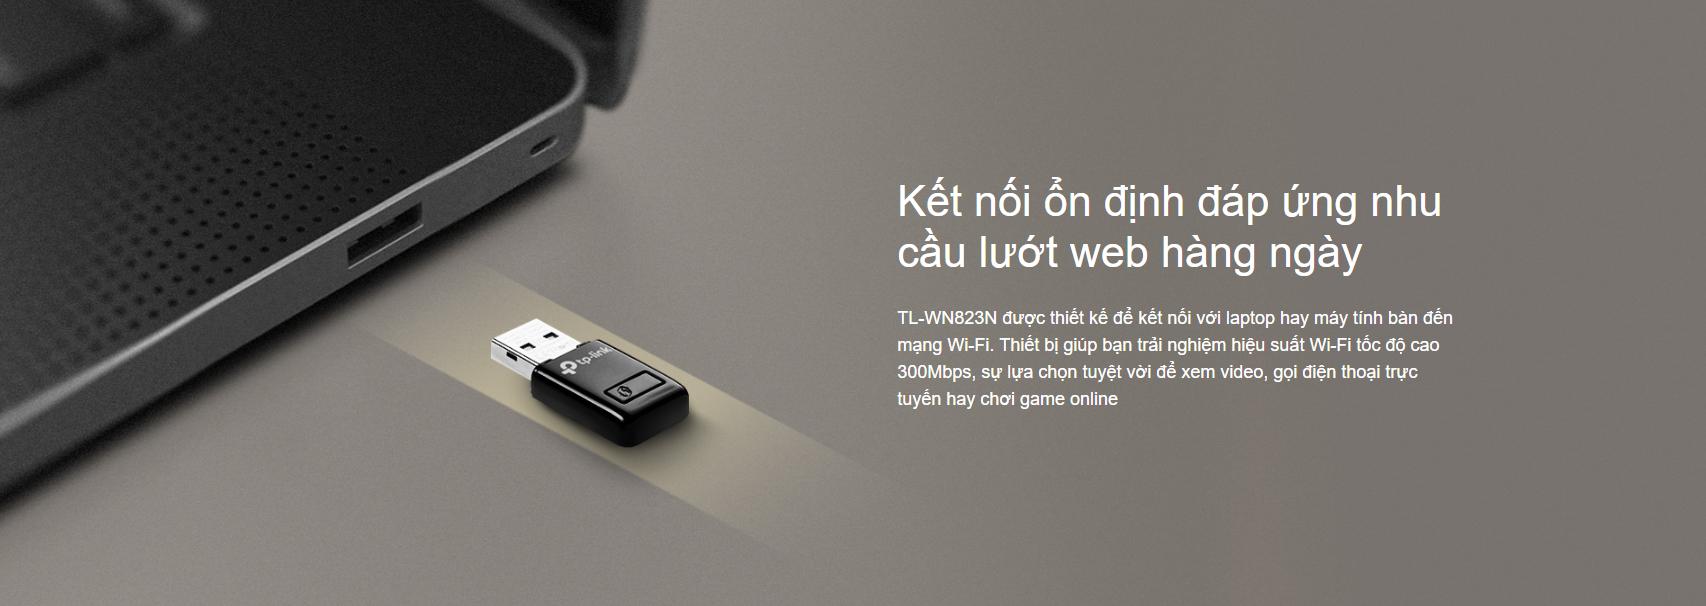 Card mạng không dây USB TP-Link TL-WN823N Wireless N300Mbps 1